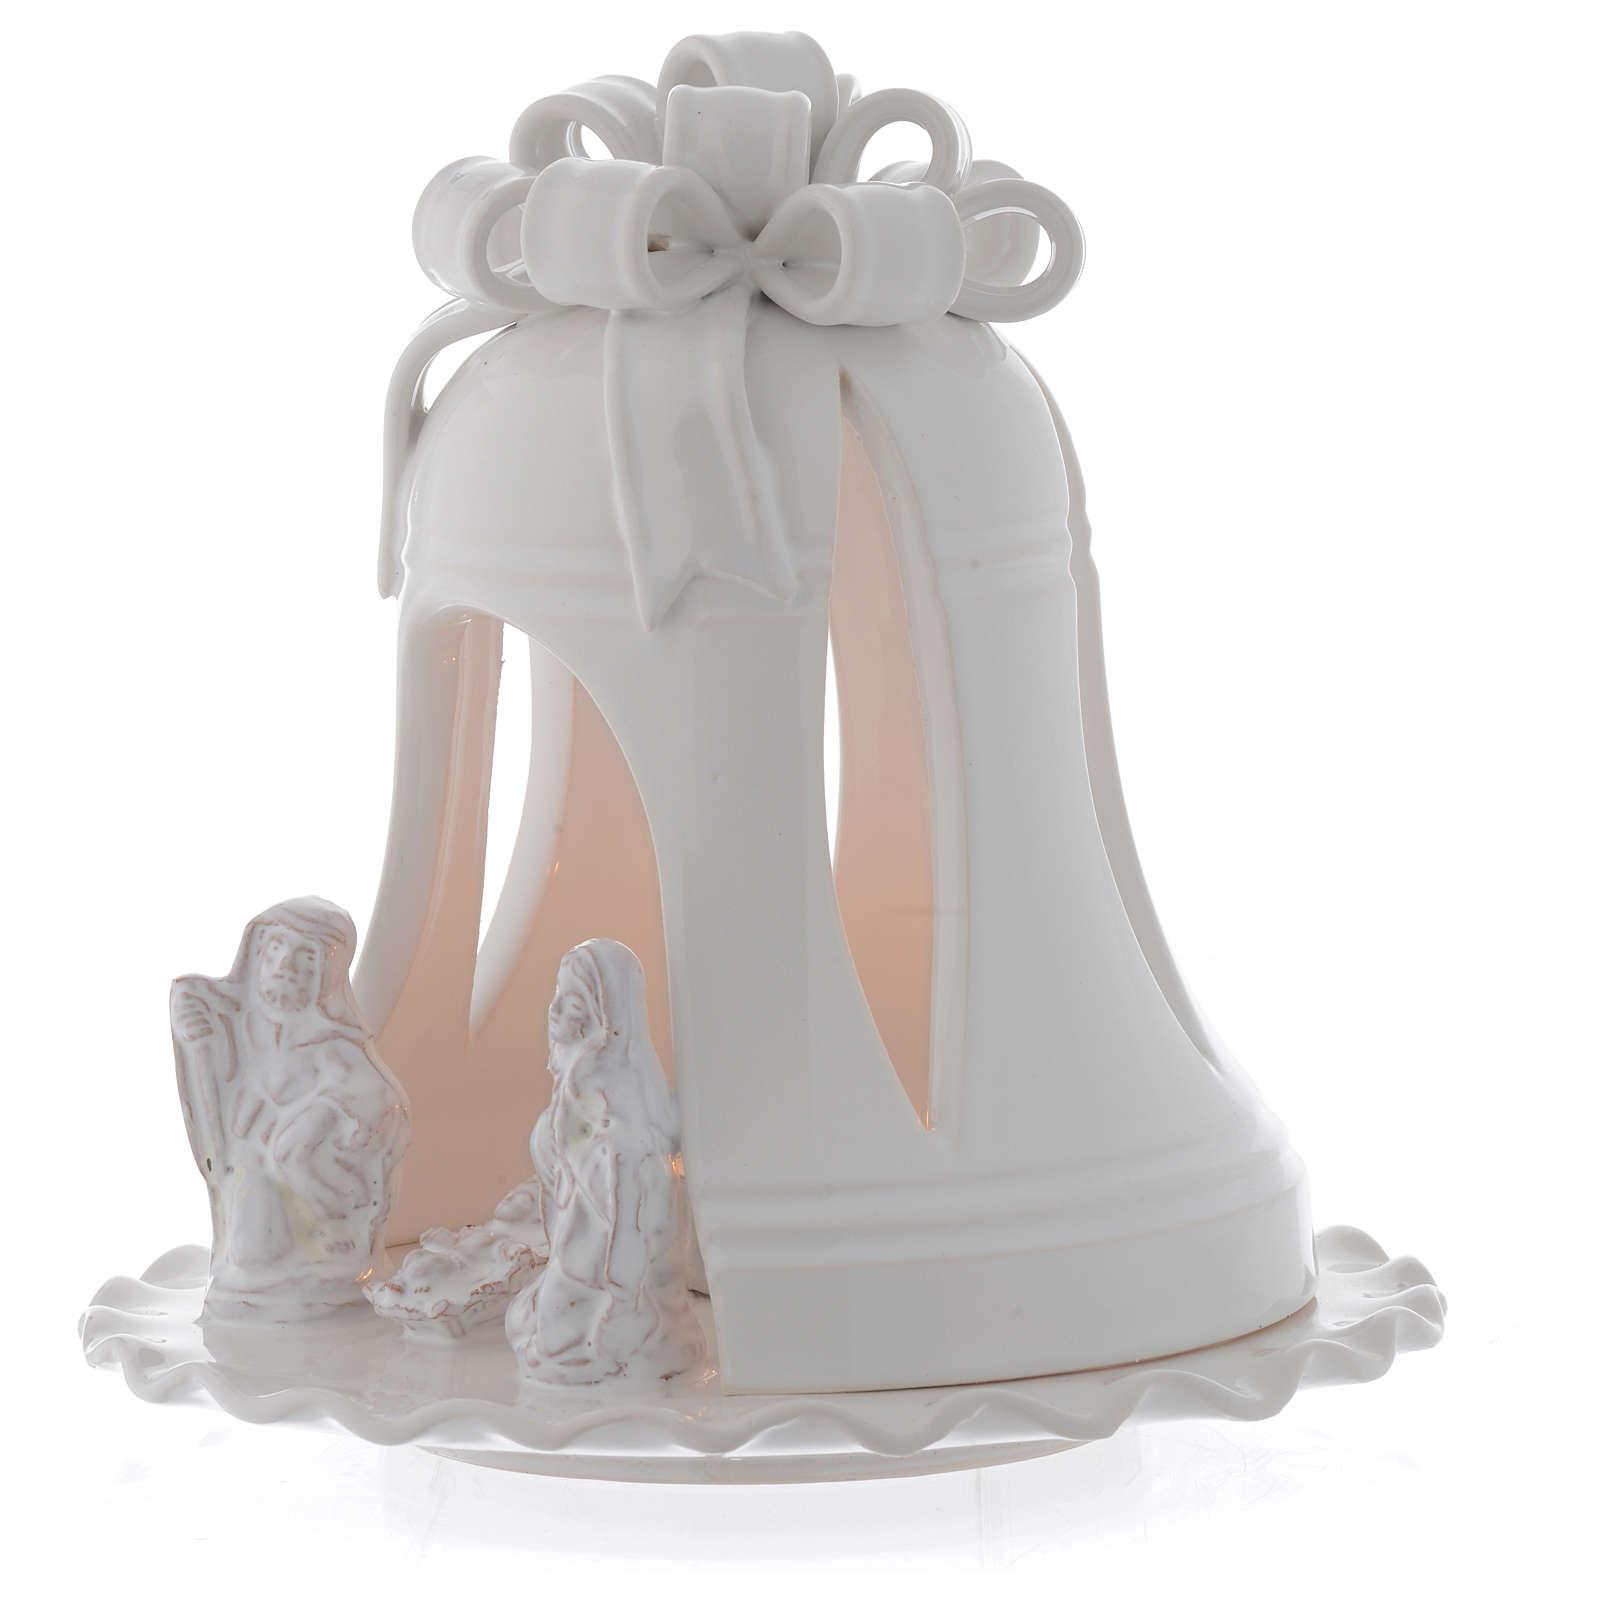 Portacandele forma campana terracotta Deruta 17 cm 4